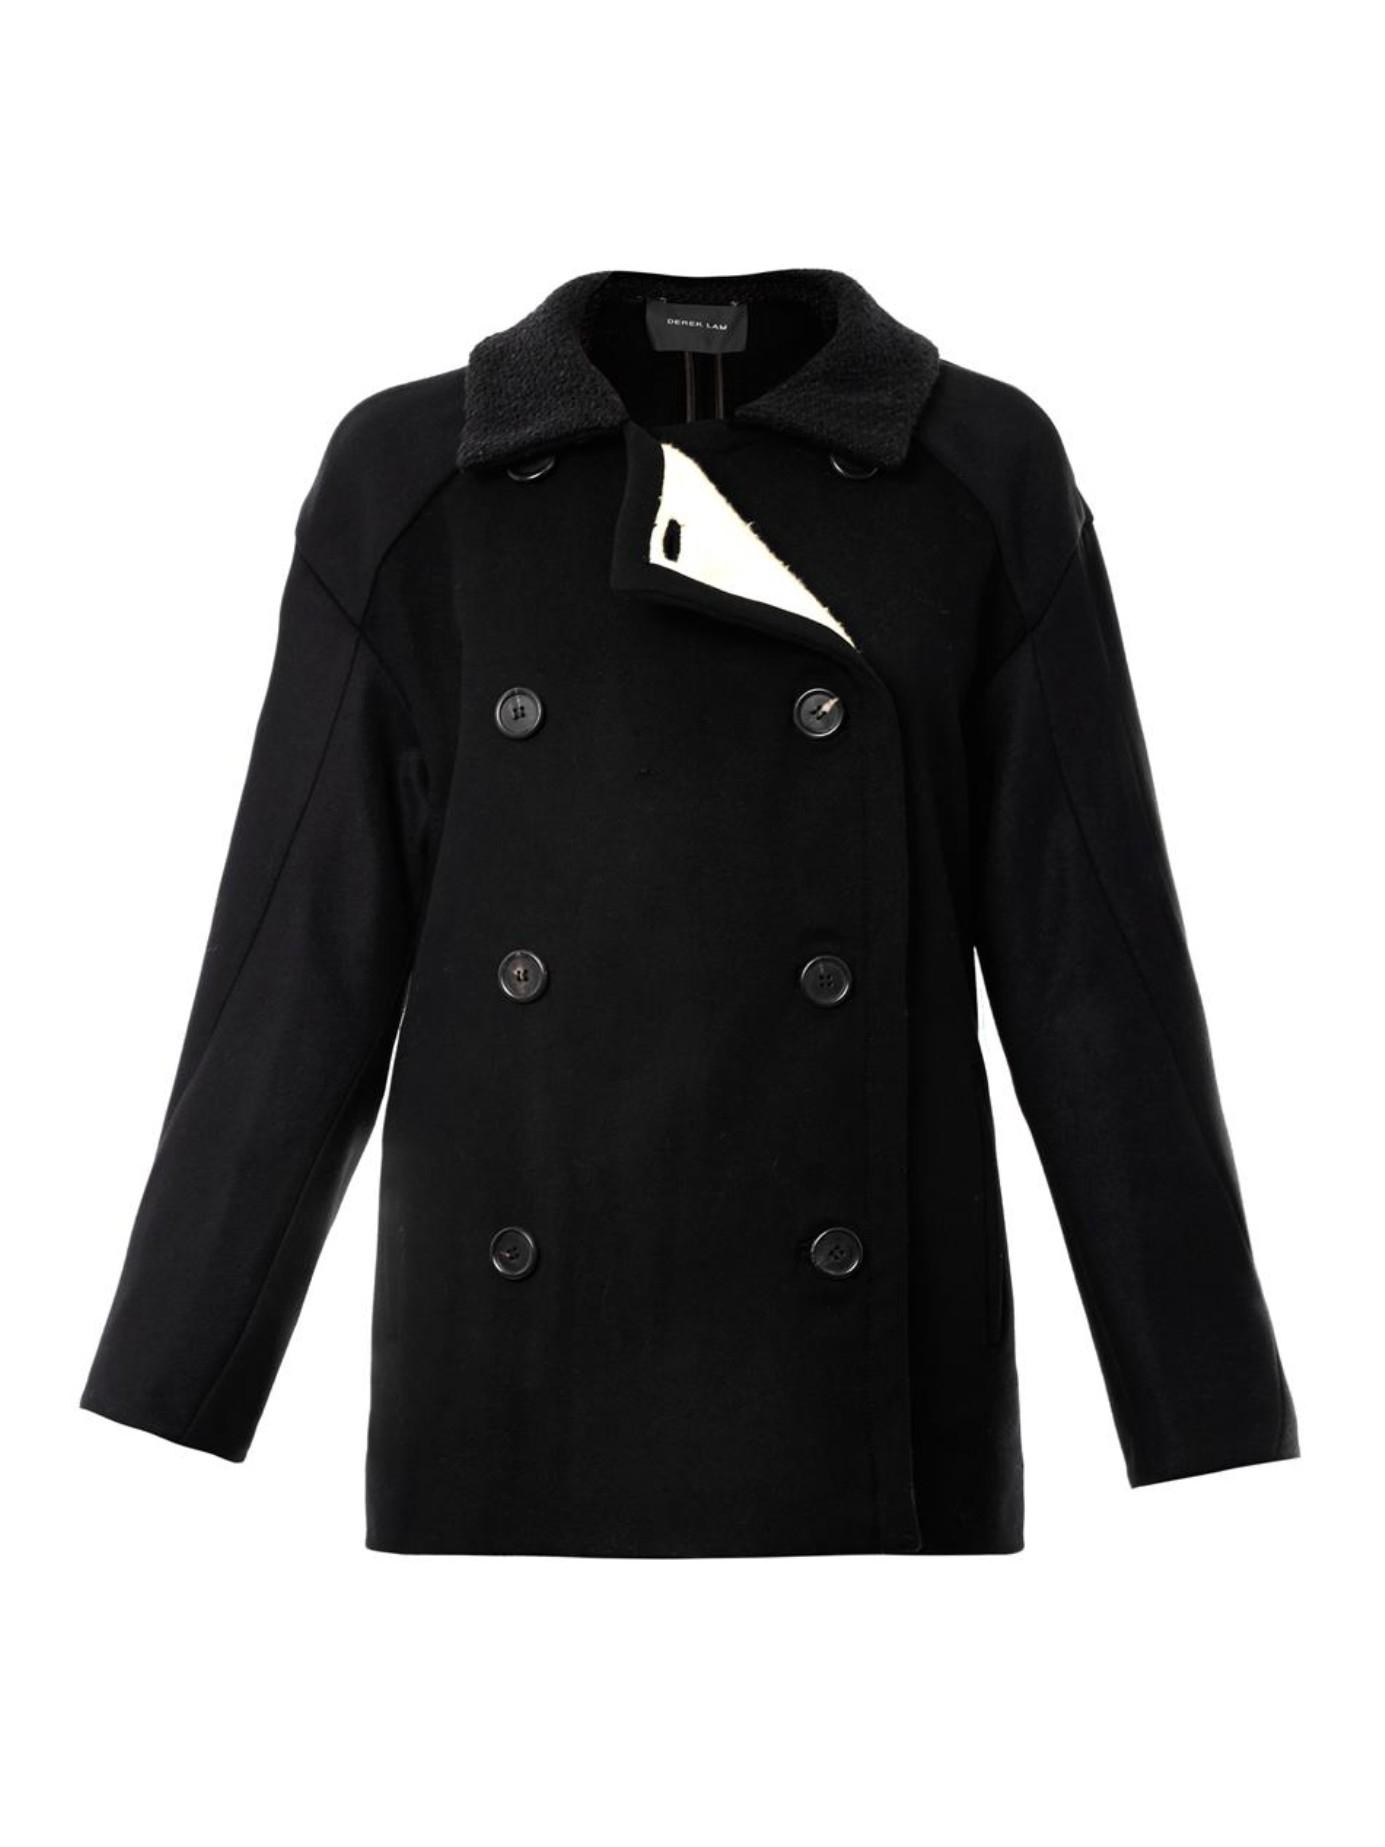 Derek lam Fleece-Lined Wool Pea Coat in Black | Lyst